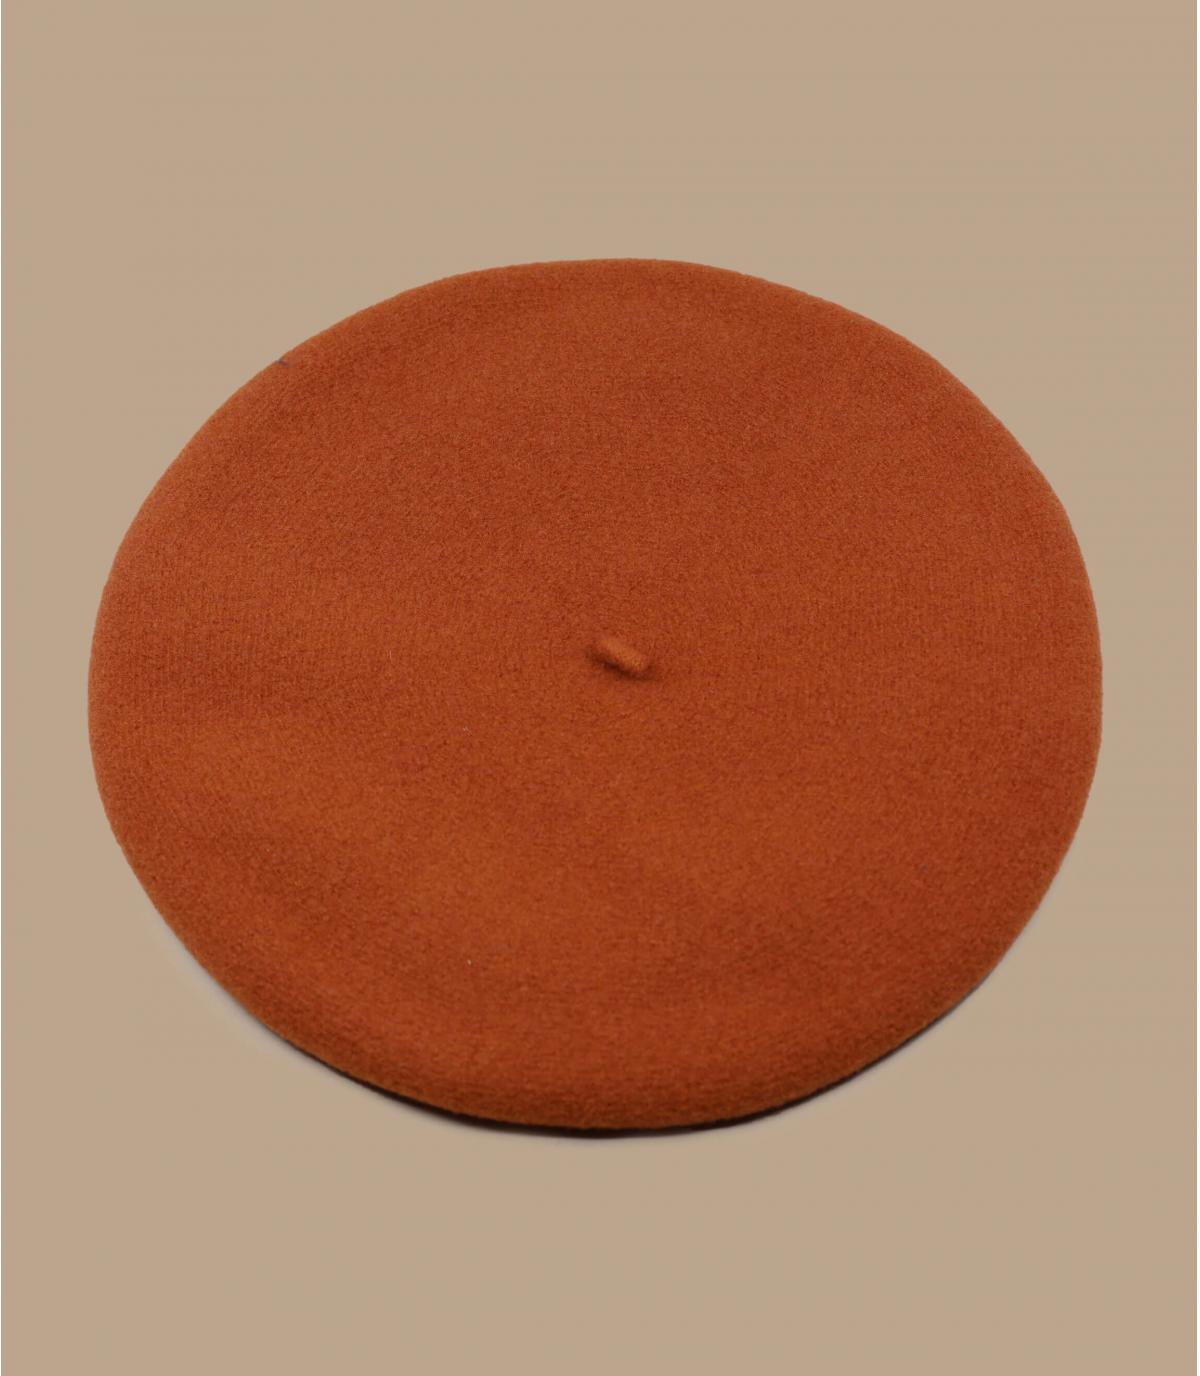 boina naranja lana merino